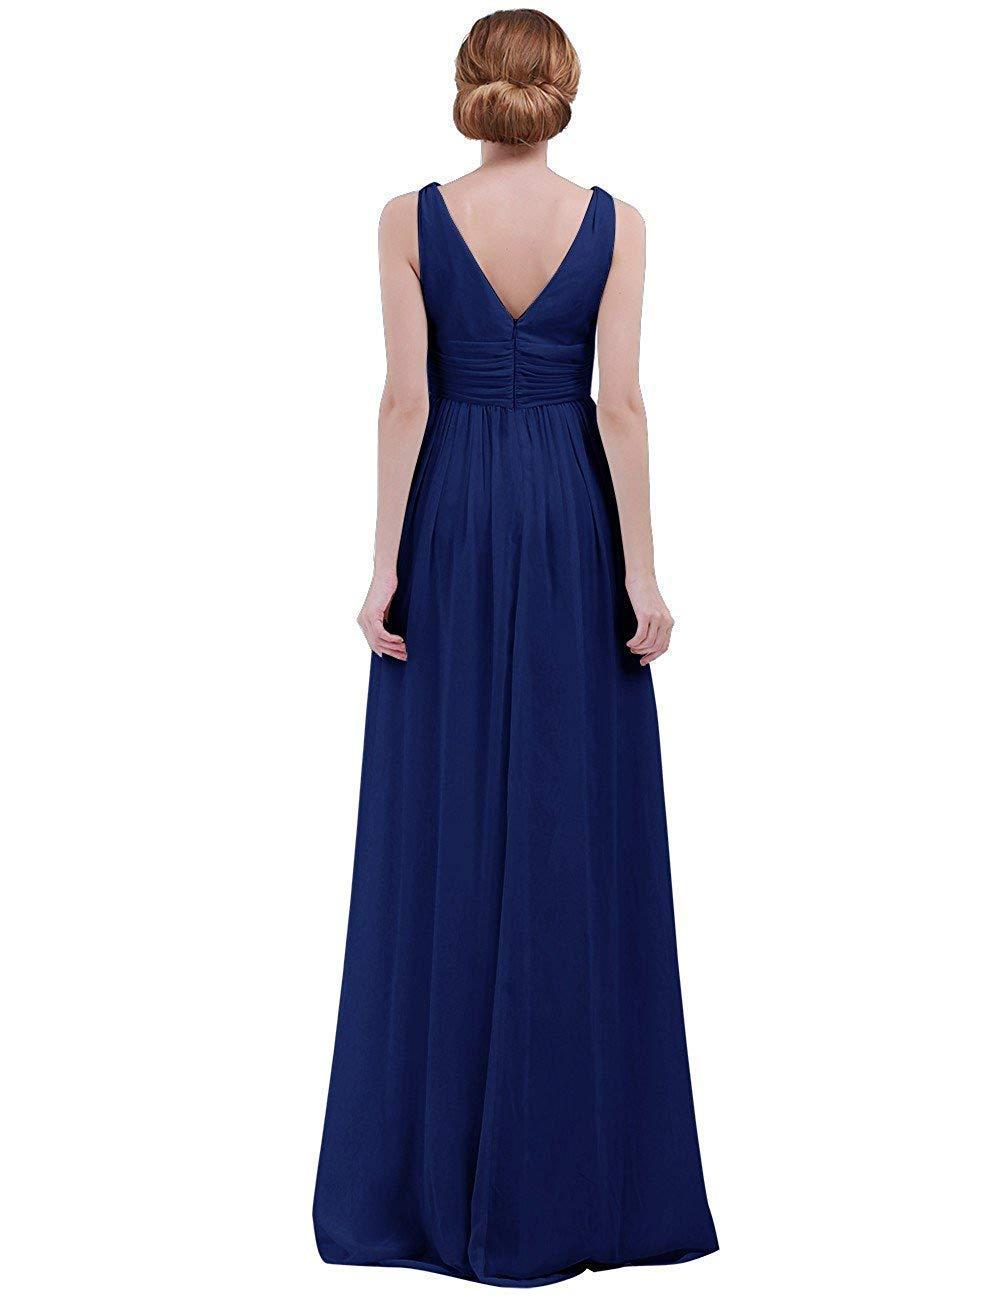 Dark Navy Taille UK 14     10 MJY Mode féminine sans hommeches col en V profond en mousseline de soie demoiselle d'honneur robe de soirée,corail,Taille UK 14     10